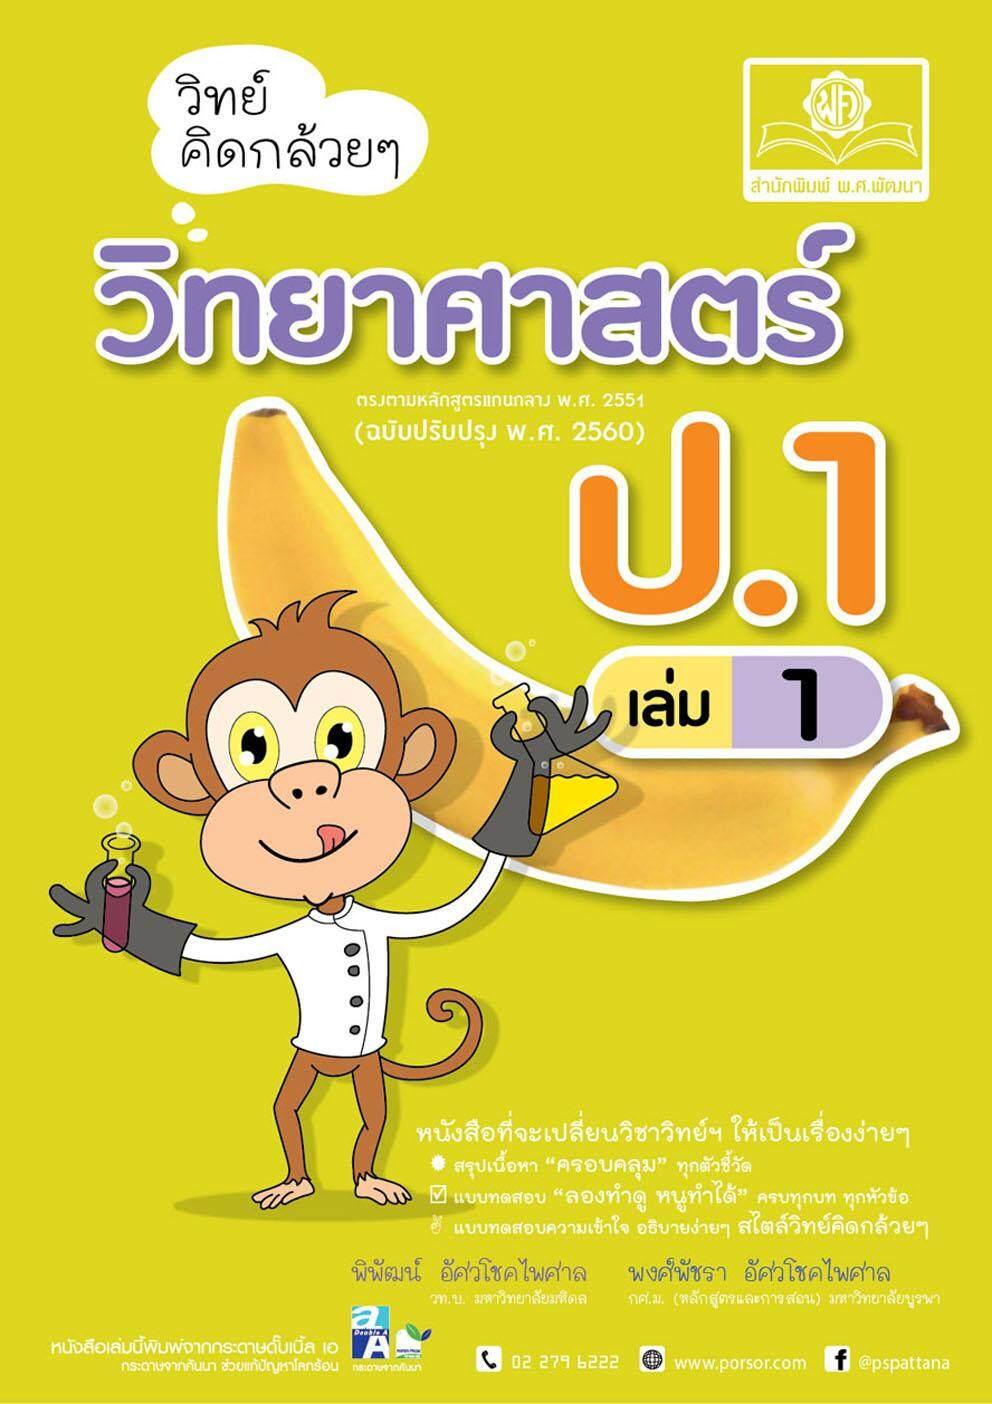 เก็บเงินปลายทางได้ วิทย์คิดกล้วยๆ วิทยาศาสตร์ ป.1 เล่ม 1 (หลักสูตรปรับปรุง 2560)